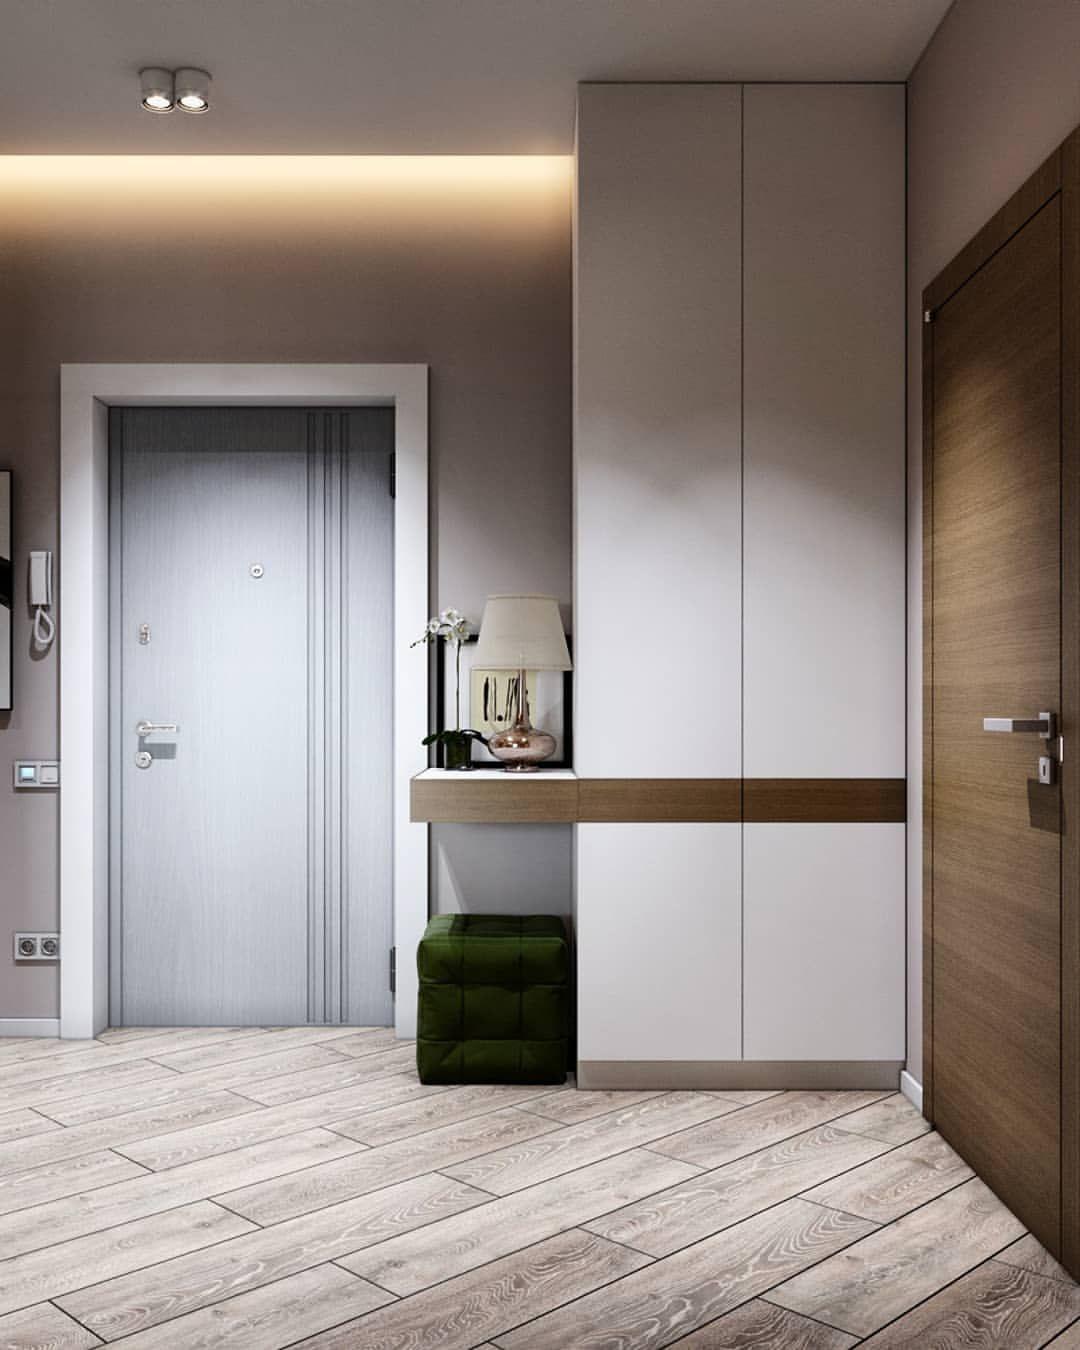 Design An Elegant Bedroom In 5 Easy Steps: Instagram Viewer, Story Downloader